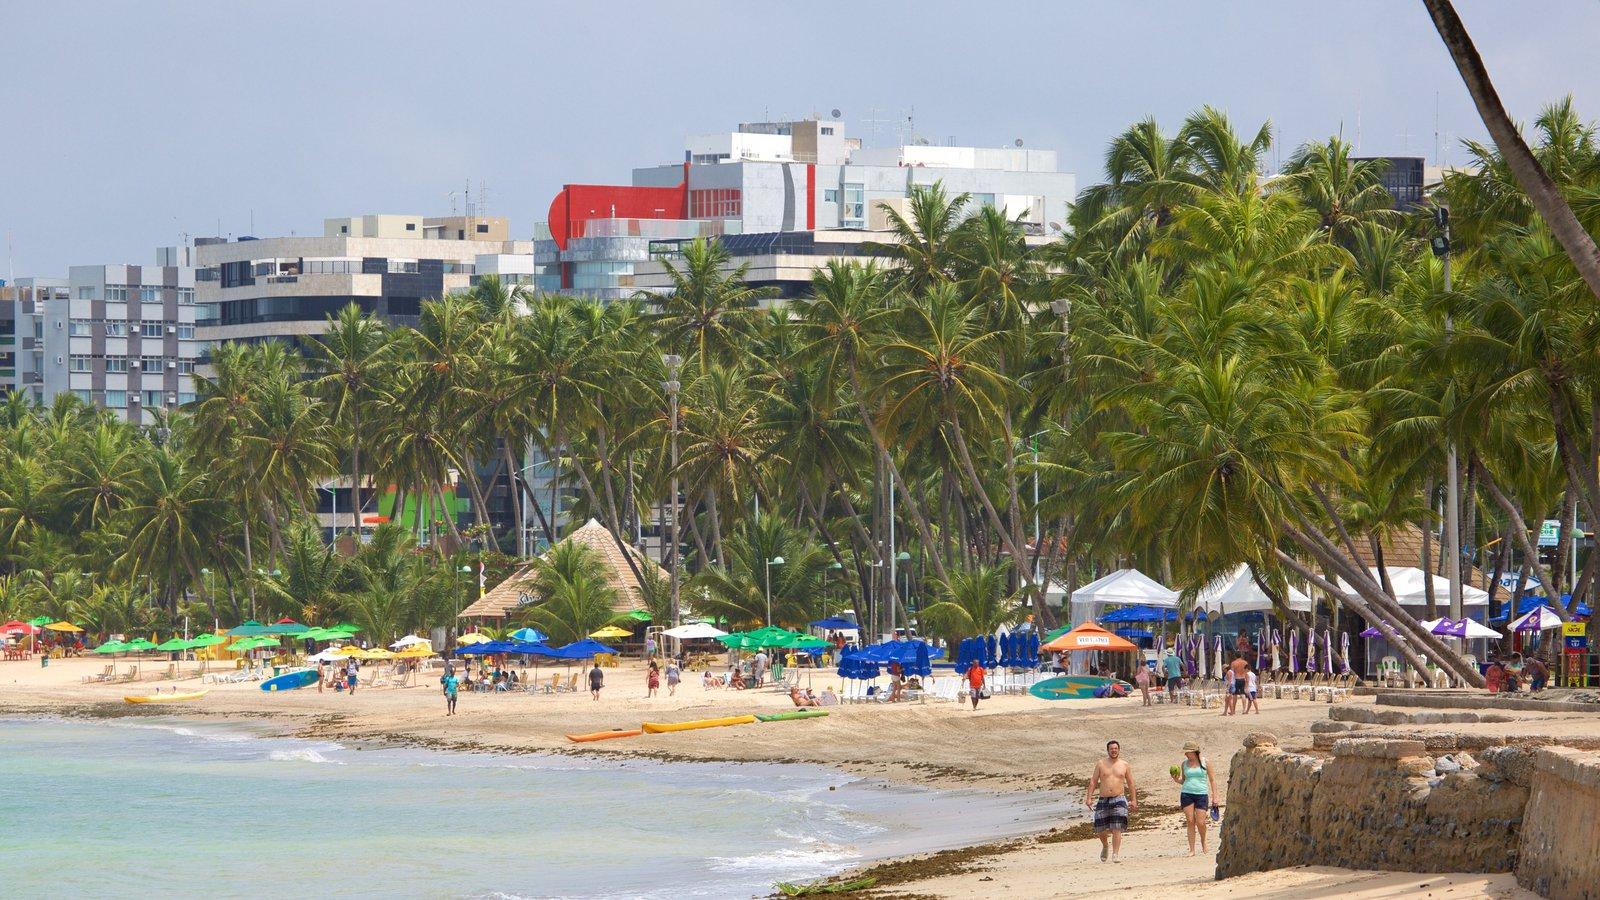 Praia de Ponta Verde que inclui paisagens litorâneas, uma praia de areia e uma cidade litorânea